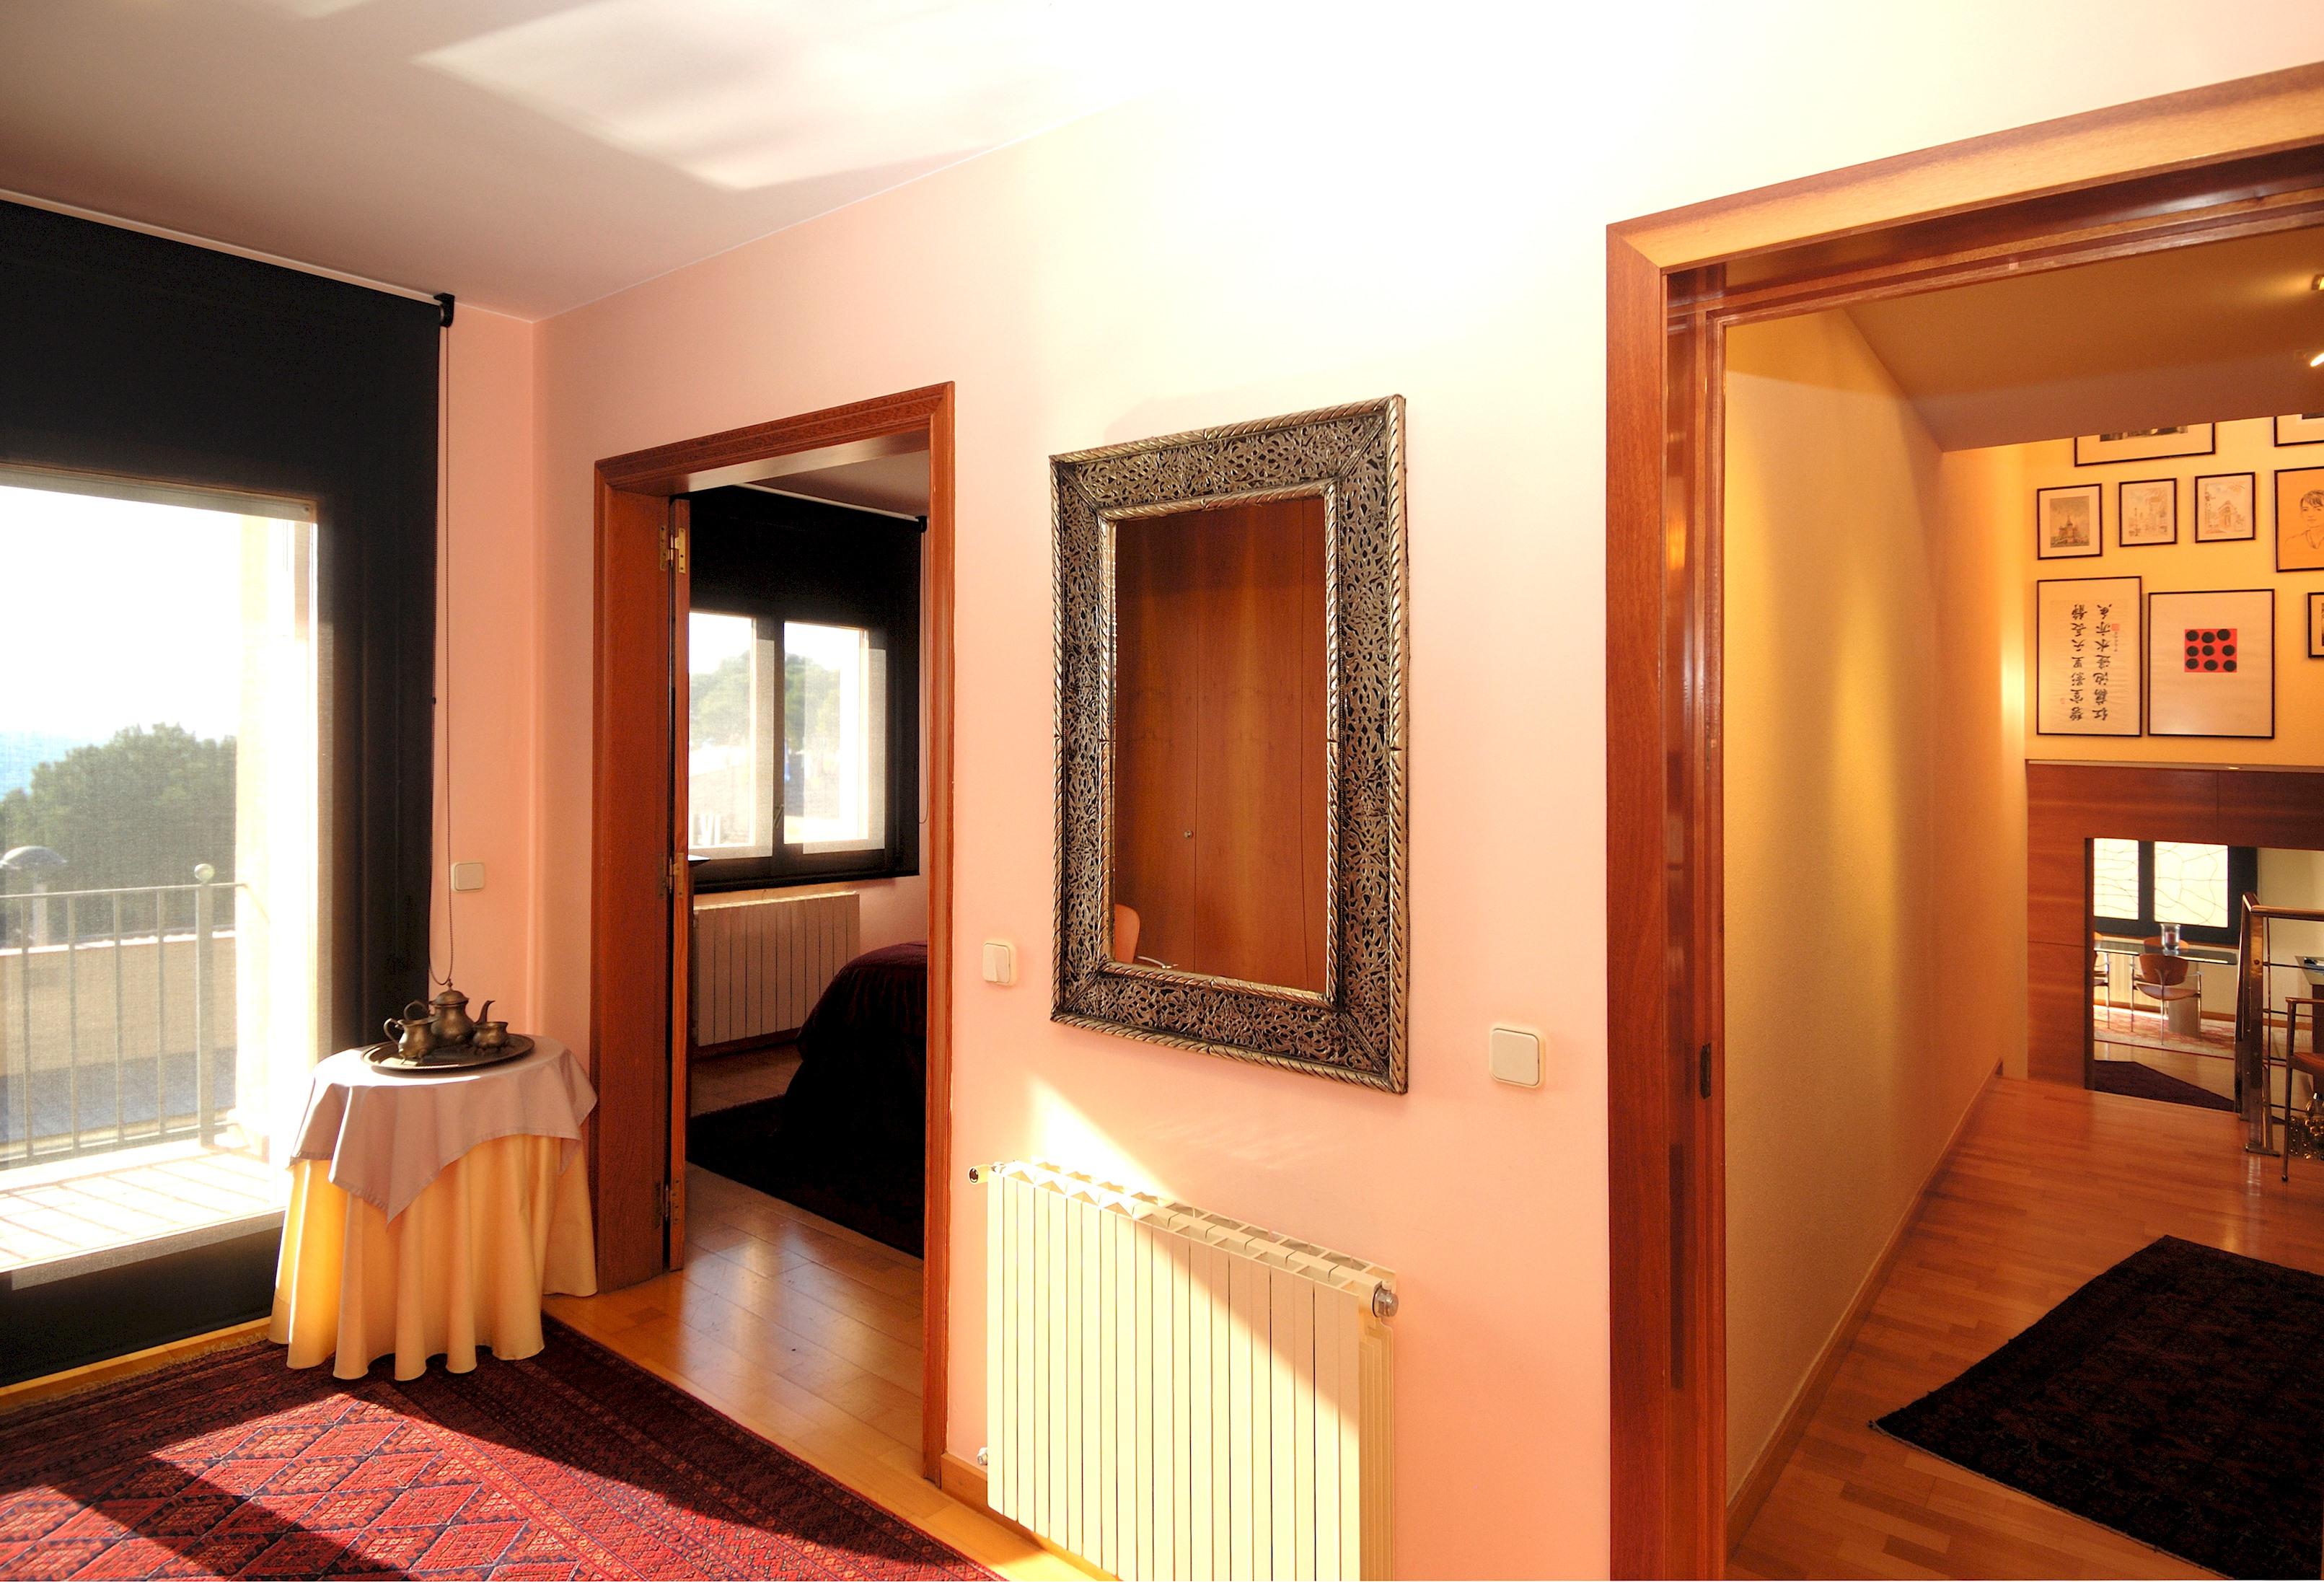 Apartment ROSA  ESPECTACULAR CASA MODERNA EN SANT ELM CON PISCINA PRIVADA Y WIFI GRATUITO photo 30445284